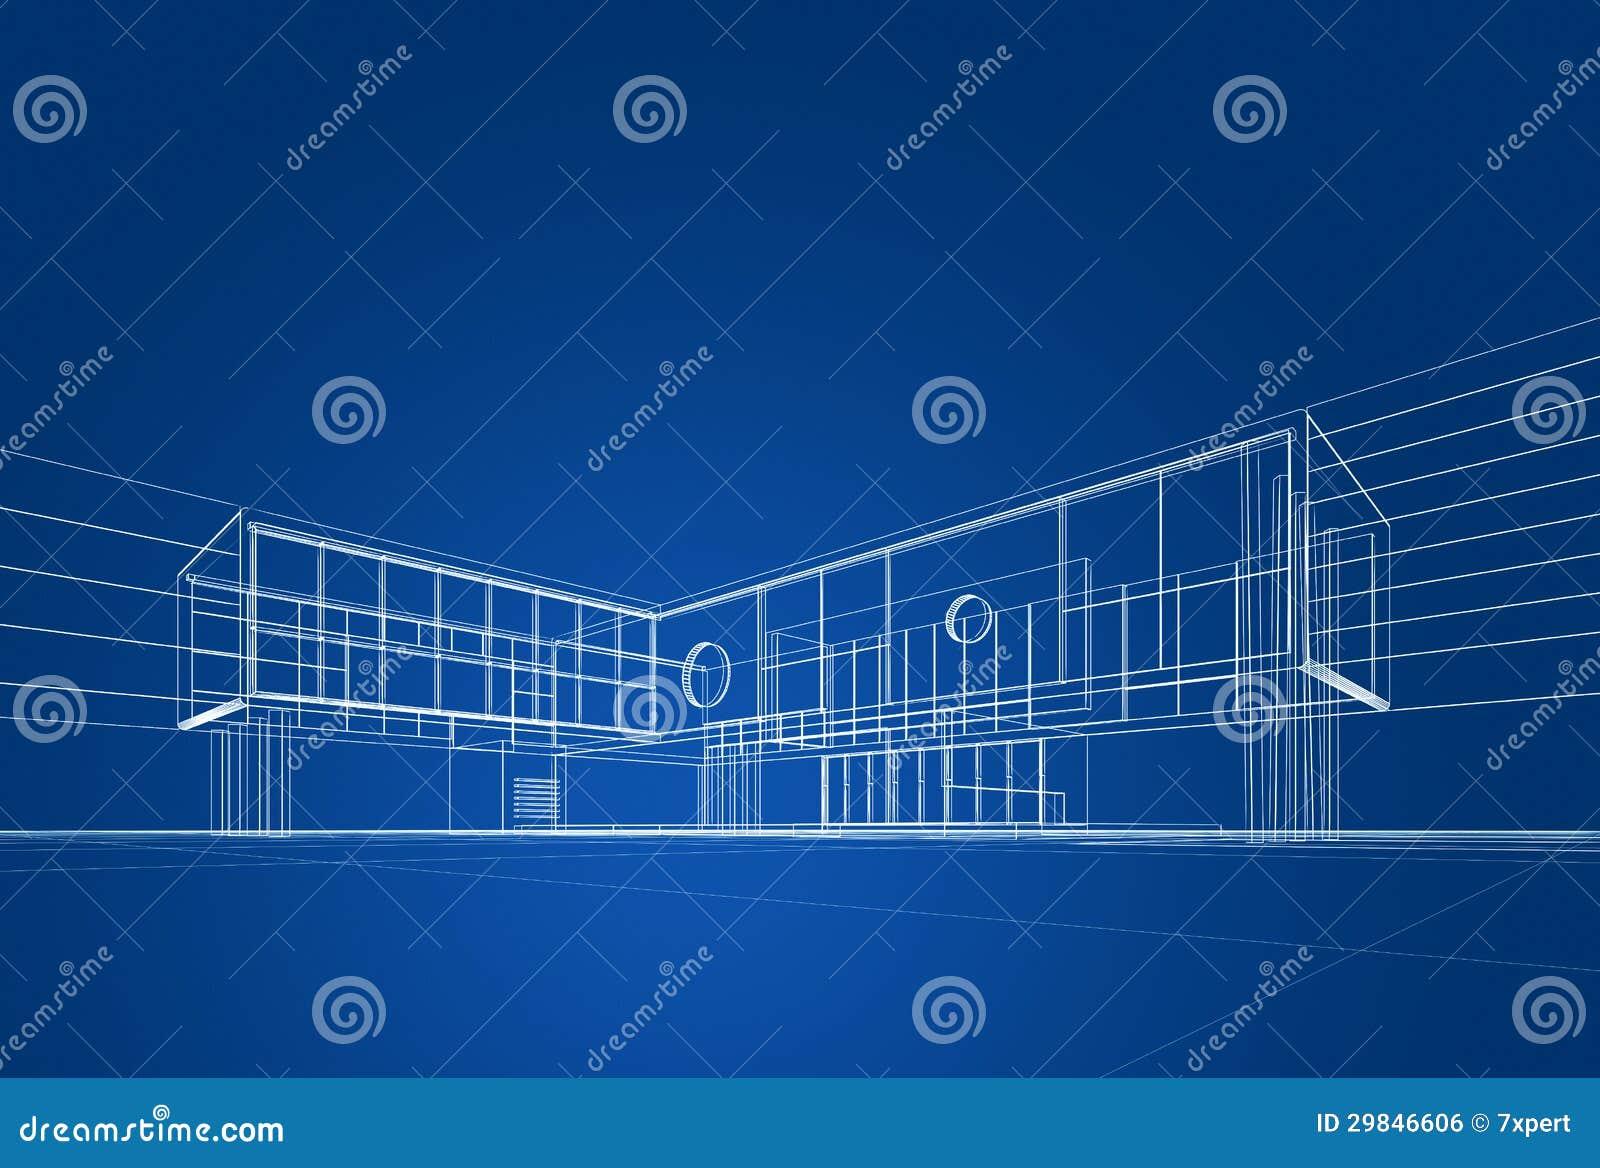 Architecture Blueprint Royalty Free Stock Image Image